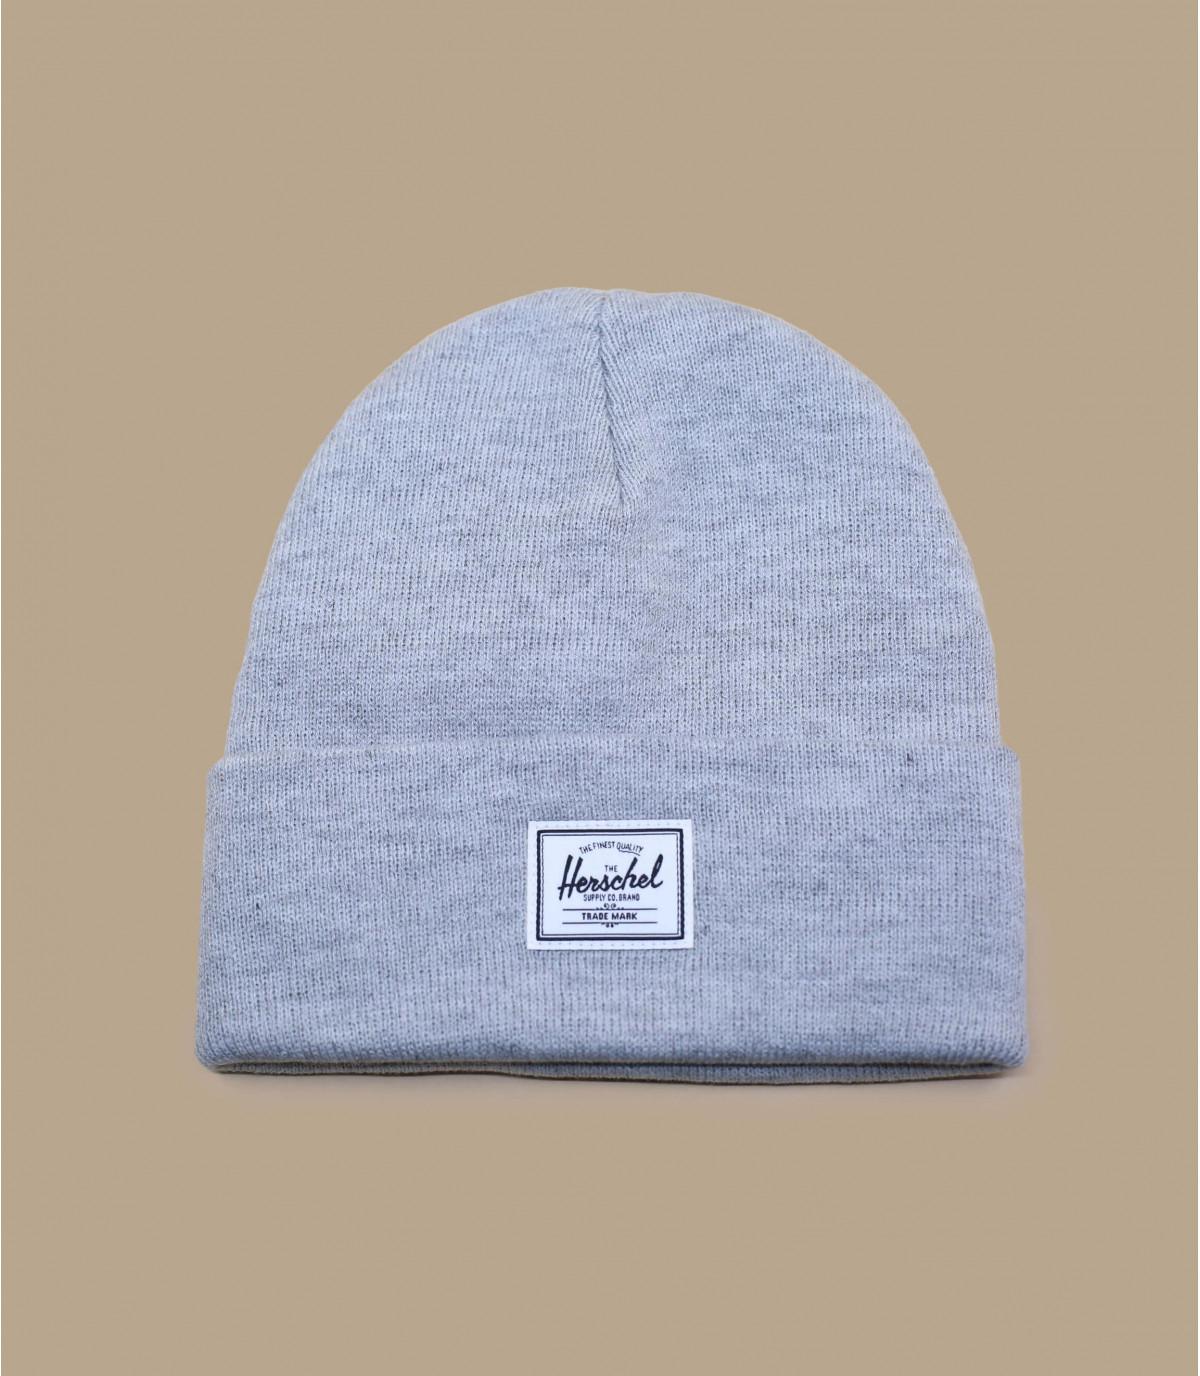 Herschel gorra gris brezo